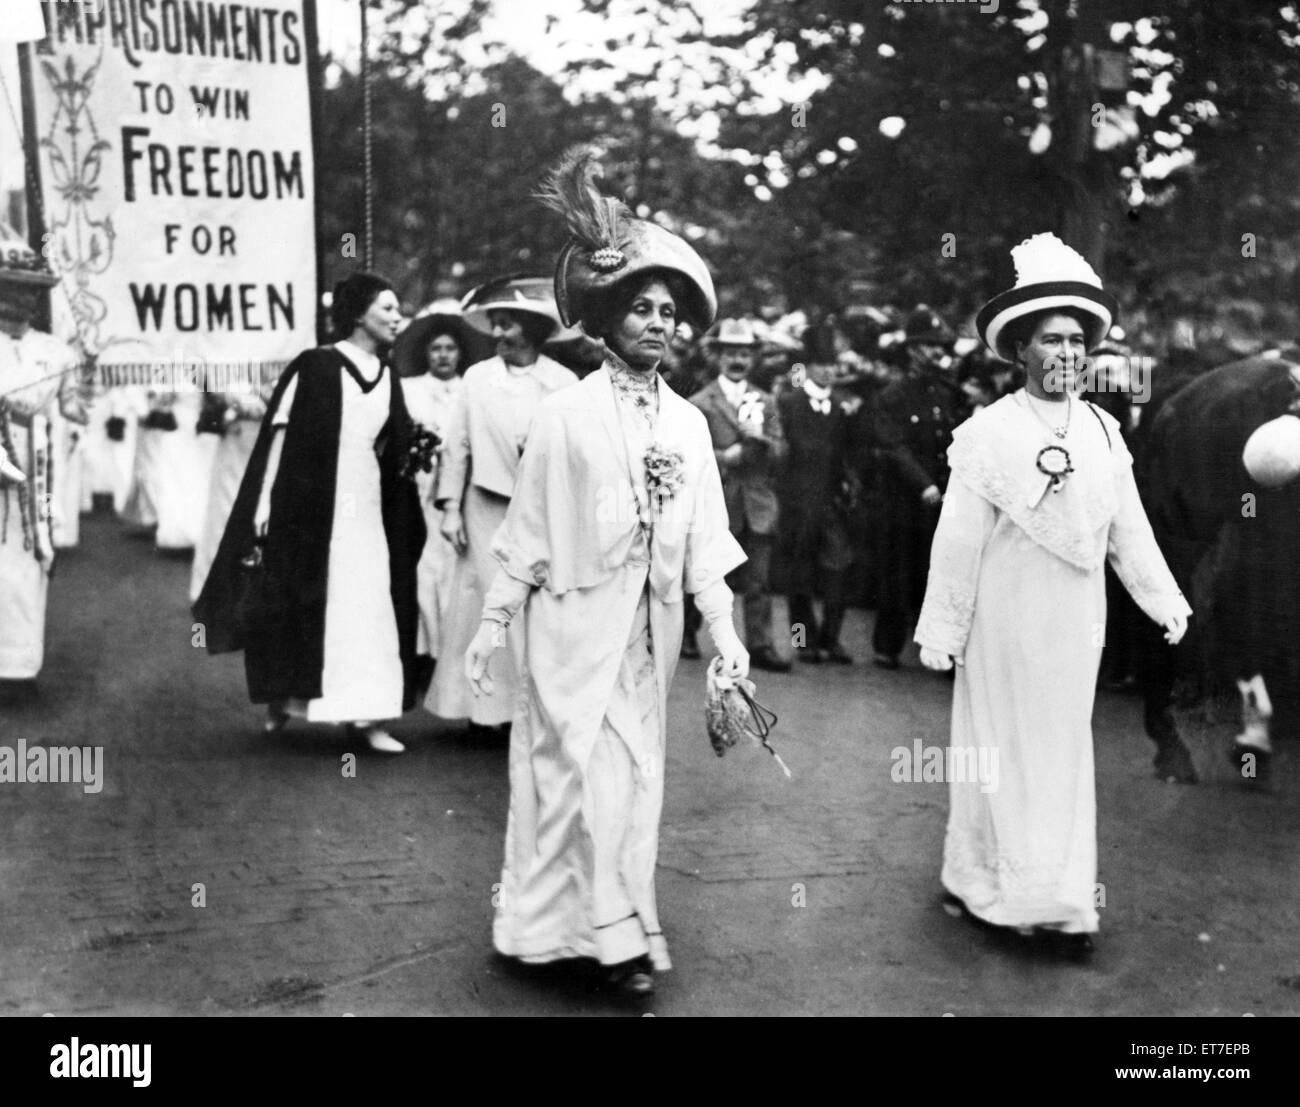 Lady Pethick-Lawrence (rechts) und Frau Pankhurst führen eine Frauenrechtlerin Demonstration, Christabel Pankhurst (in schwarz & weiß) folgt hinter ihrer Mutter. Um 1910. Stockfoto